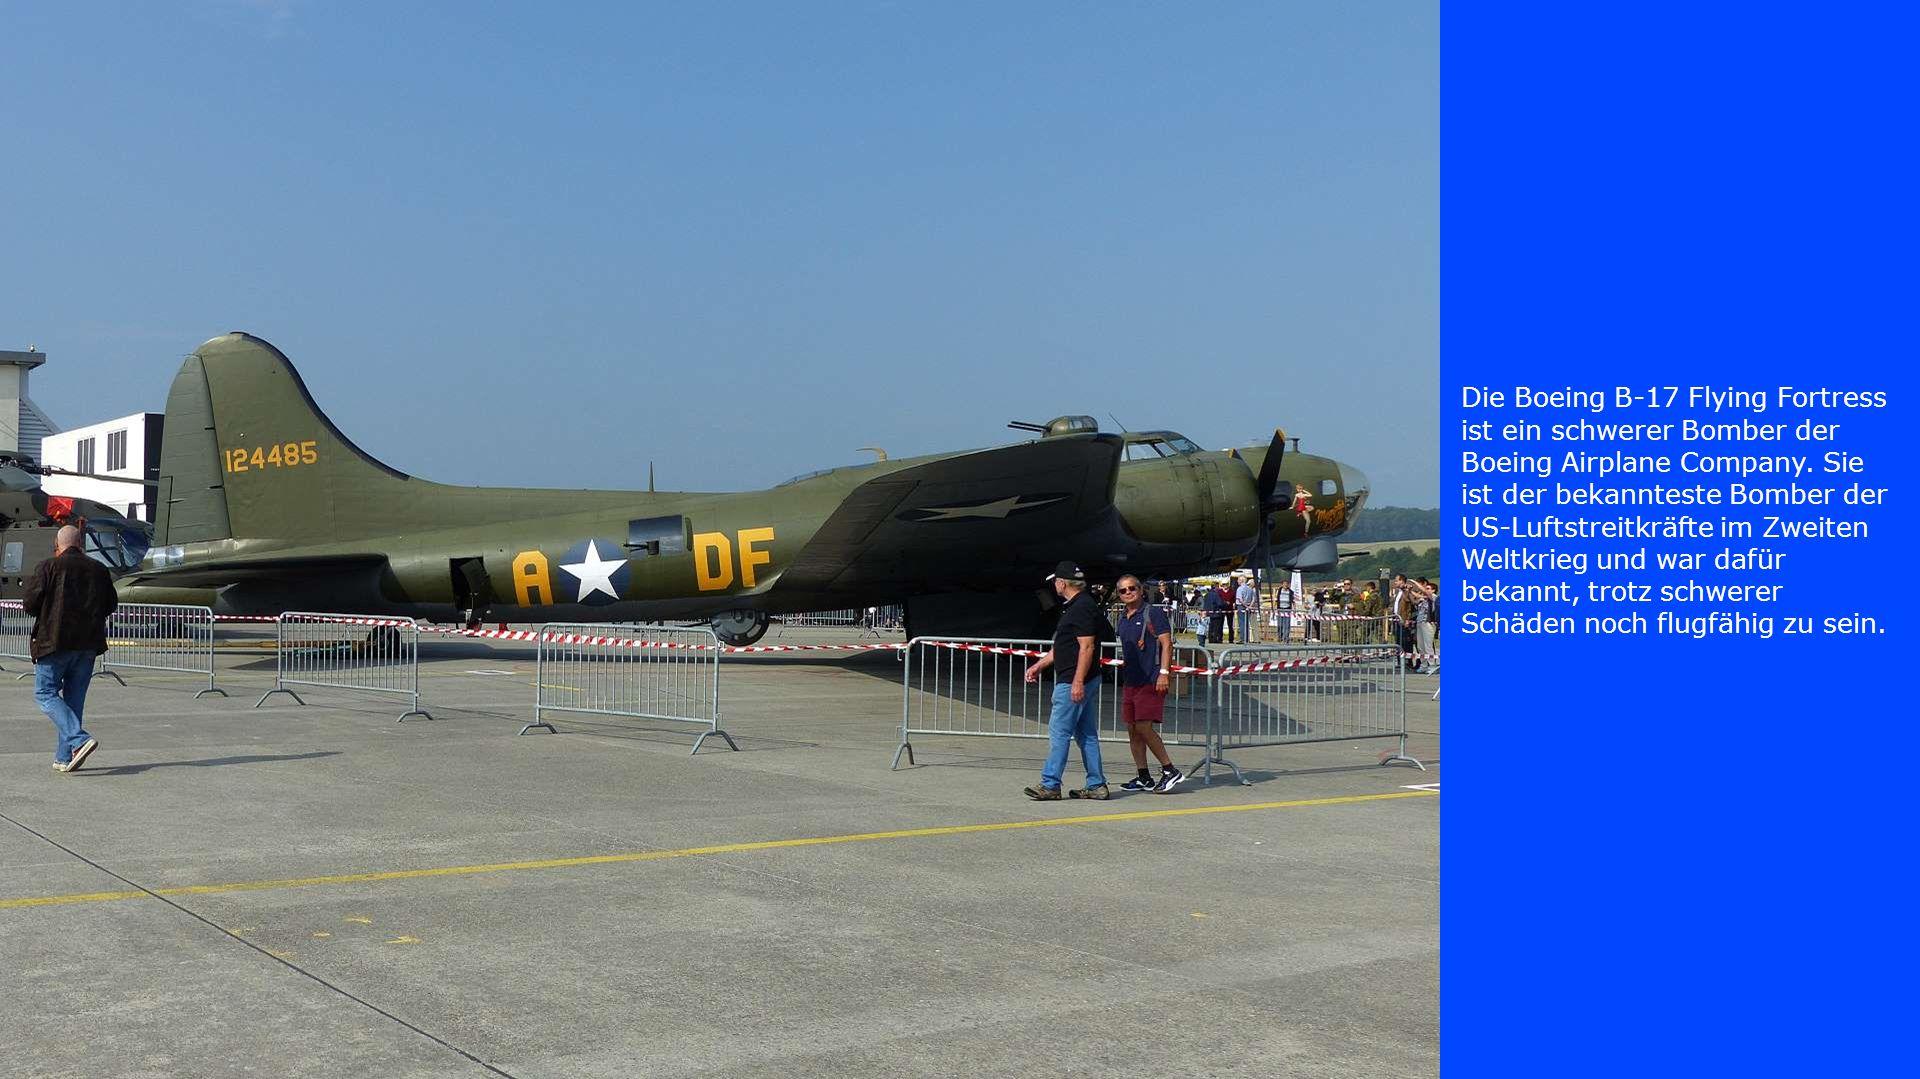 Die Boeing B-17 Flying Fortress ist ein schwerer Bomber der Boeing Airplane Company. Sie ist der bekannteste Bomber der US-Luftstreitkräfte im Zweiten